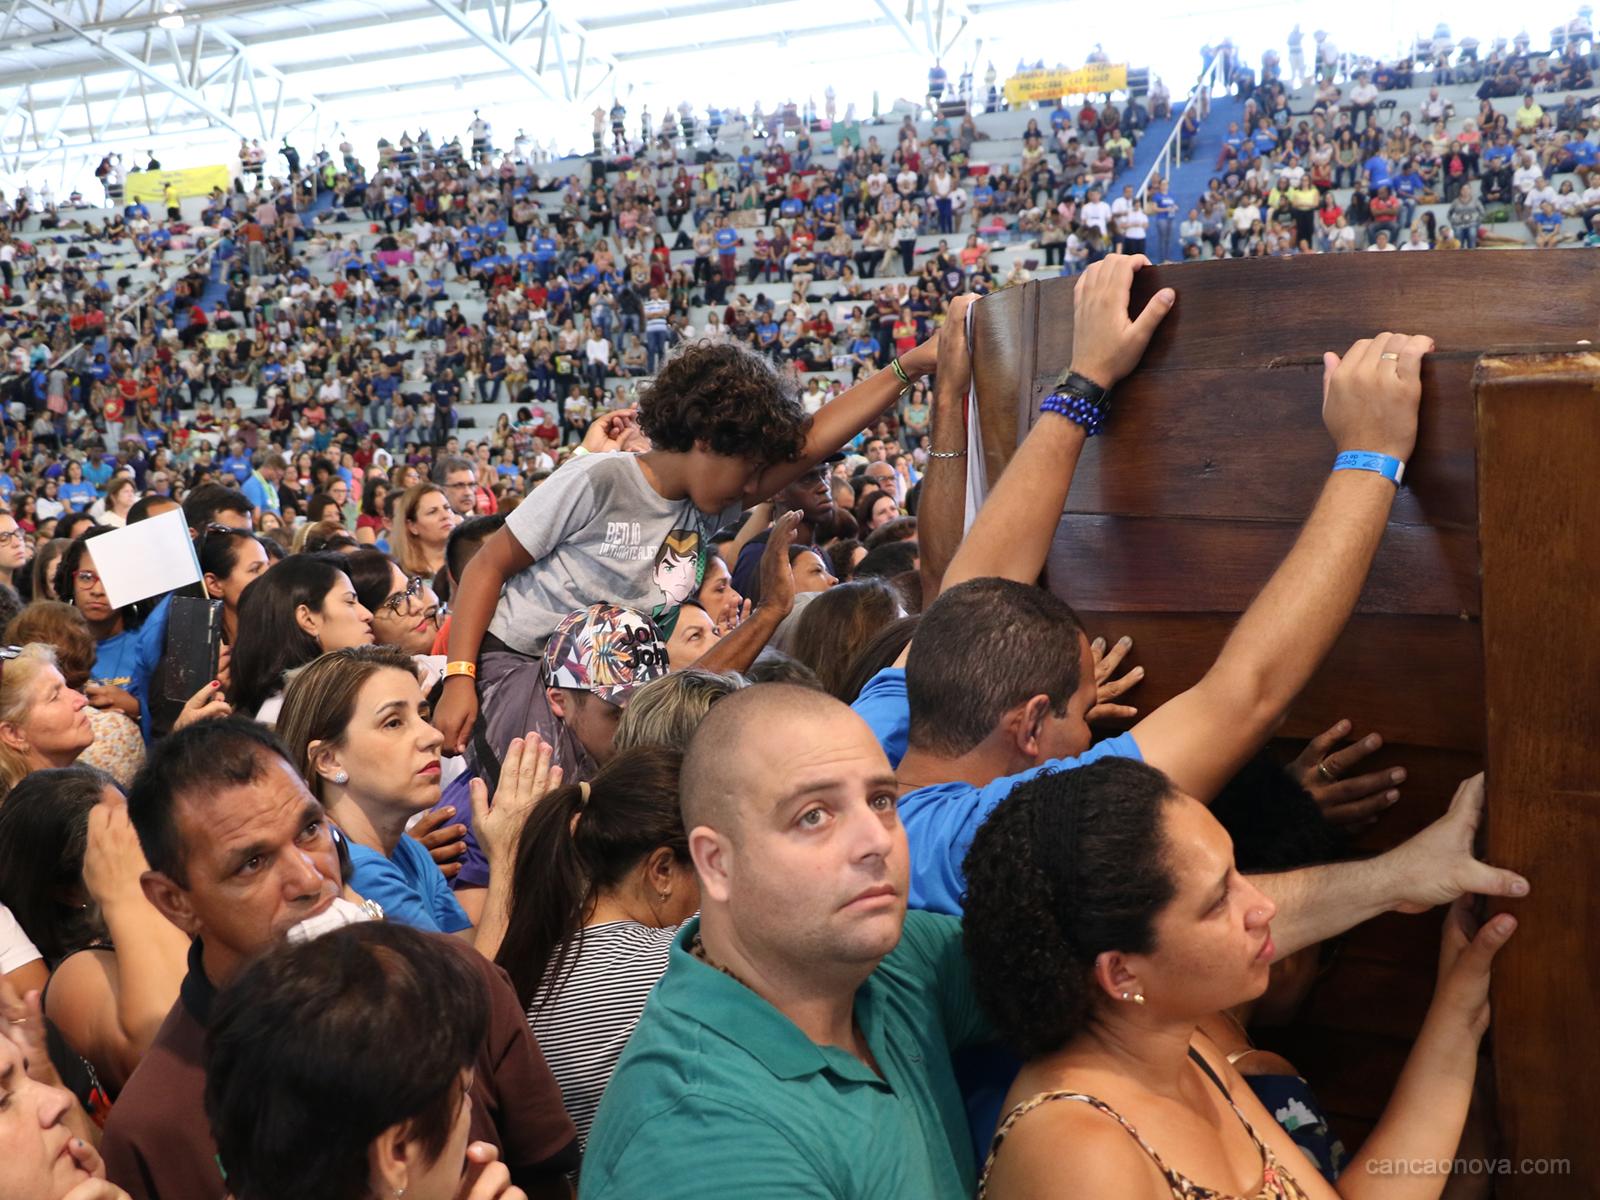 Passeio da barca no Hosana Brasil é um momento de fé e oração (13)